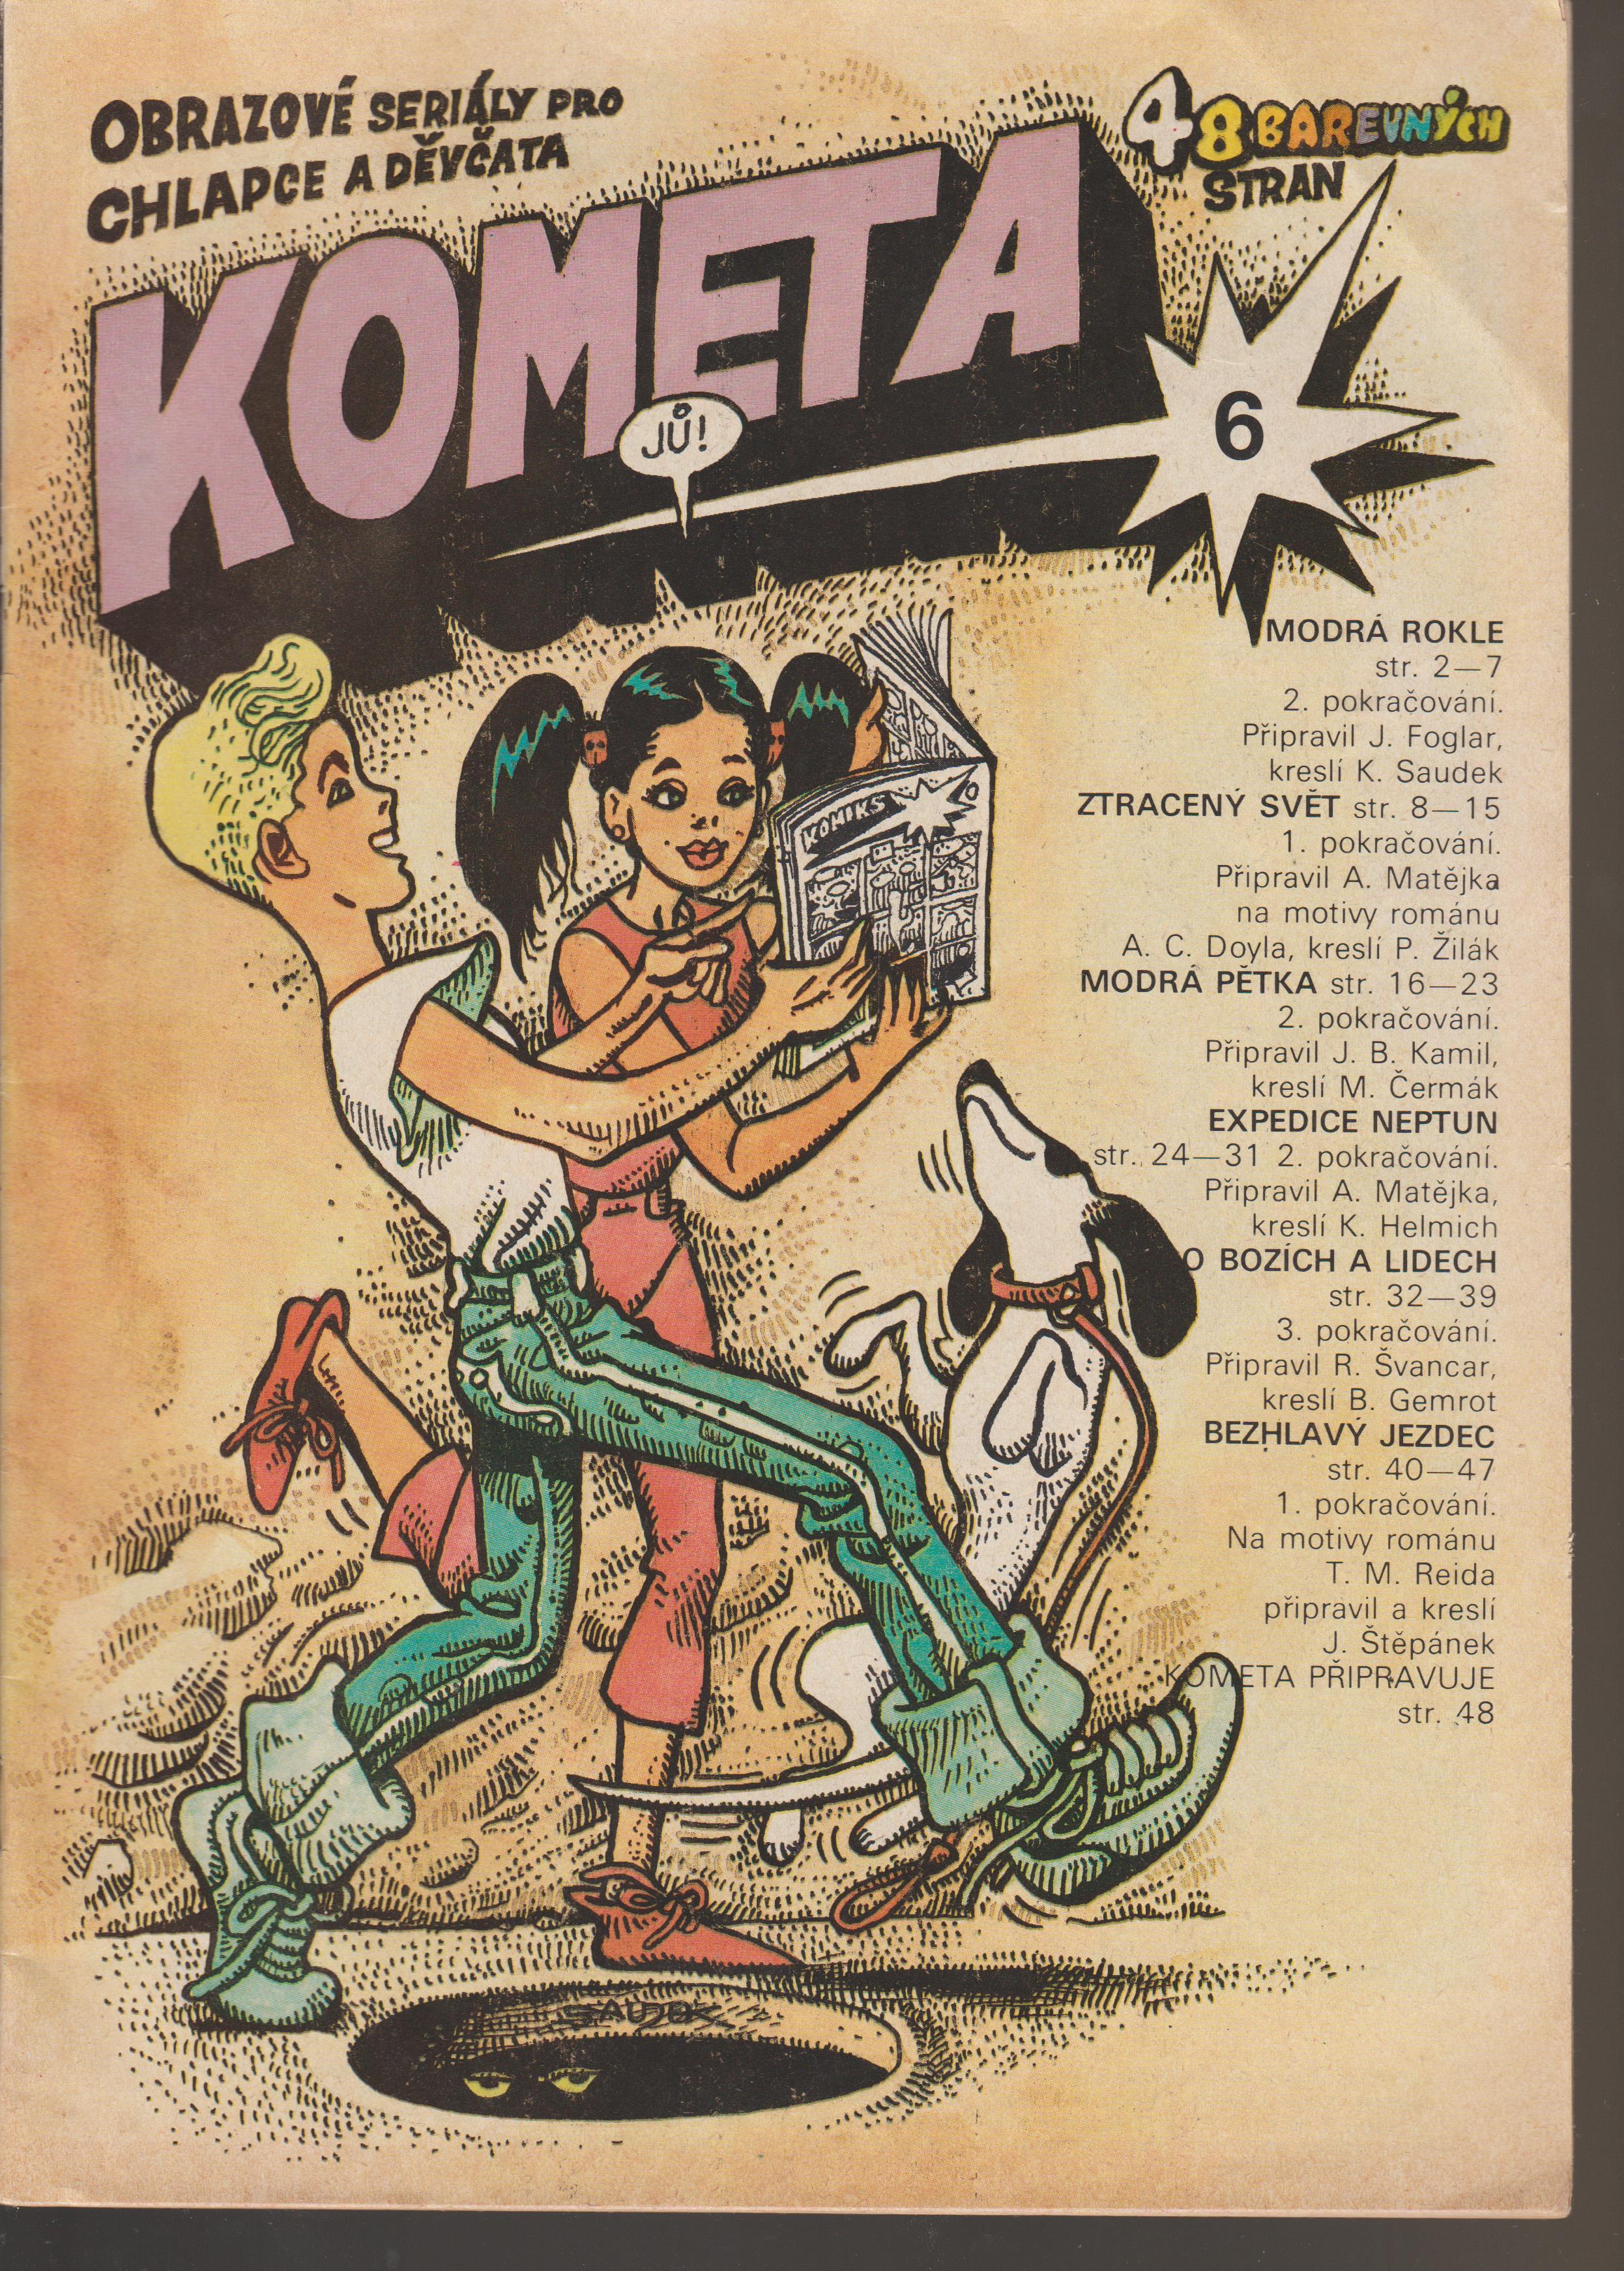 Časopis Kometa č.6 - K. Saudek, J. Foglar a další